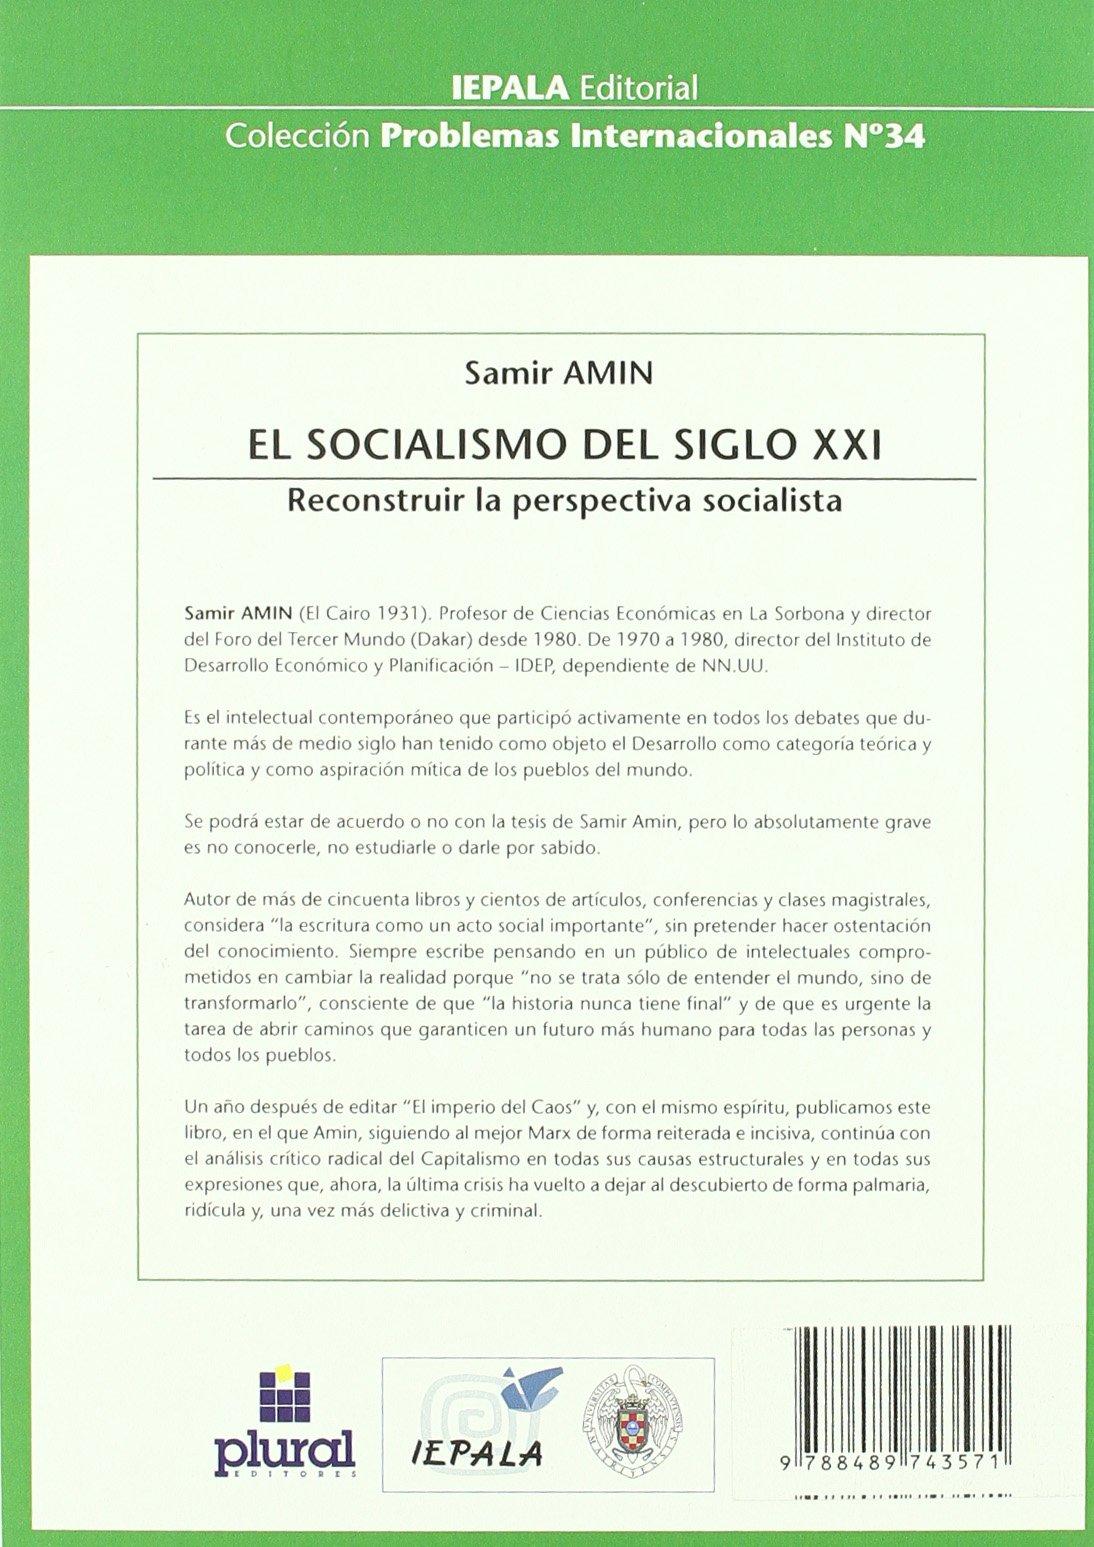 El socialismo en el siglo XXI. Reconstruir la perspectiva socialista: SAMIR  AMIN: 9788489743571: Amazon.com: Books